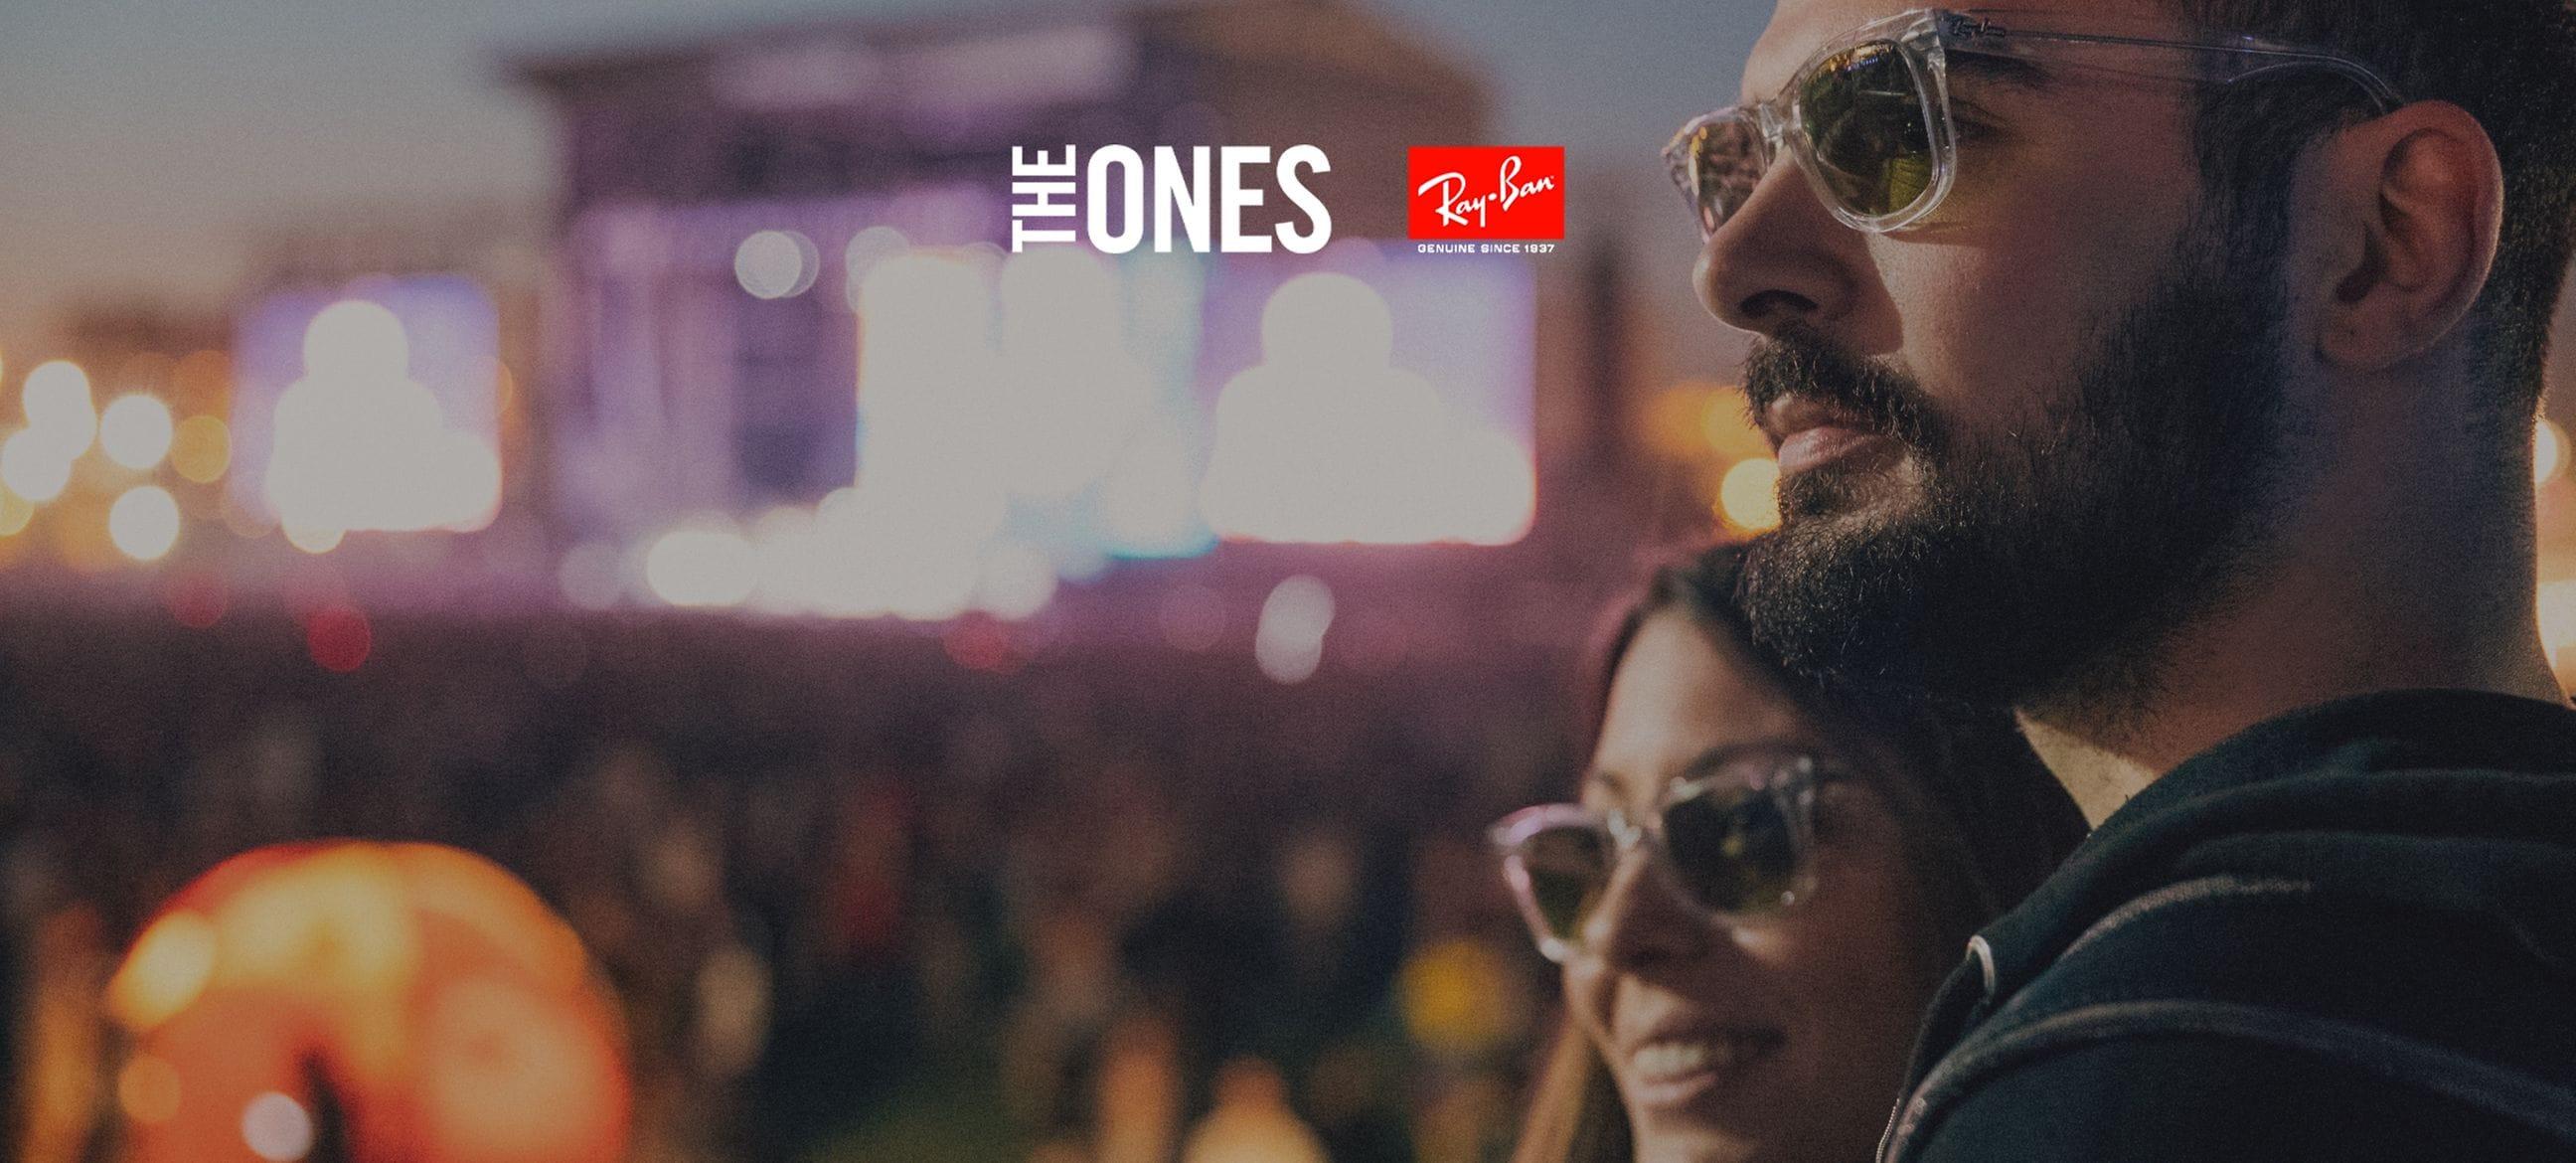 Créez un compte pour rejoindre le programme de fidélisation de la clientèle The Ones.